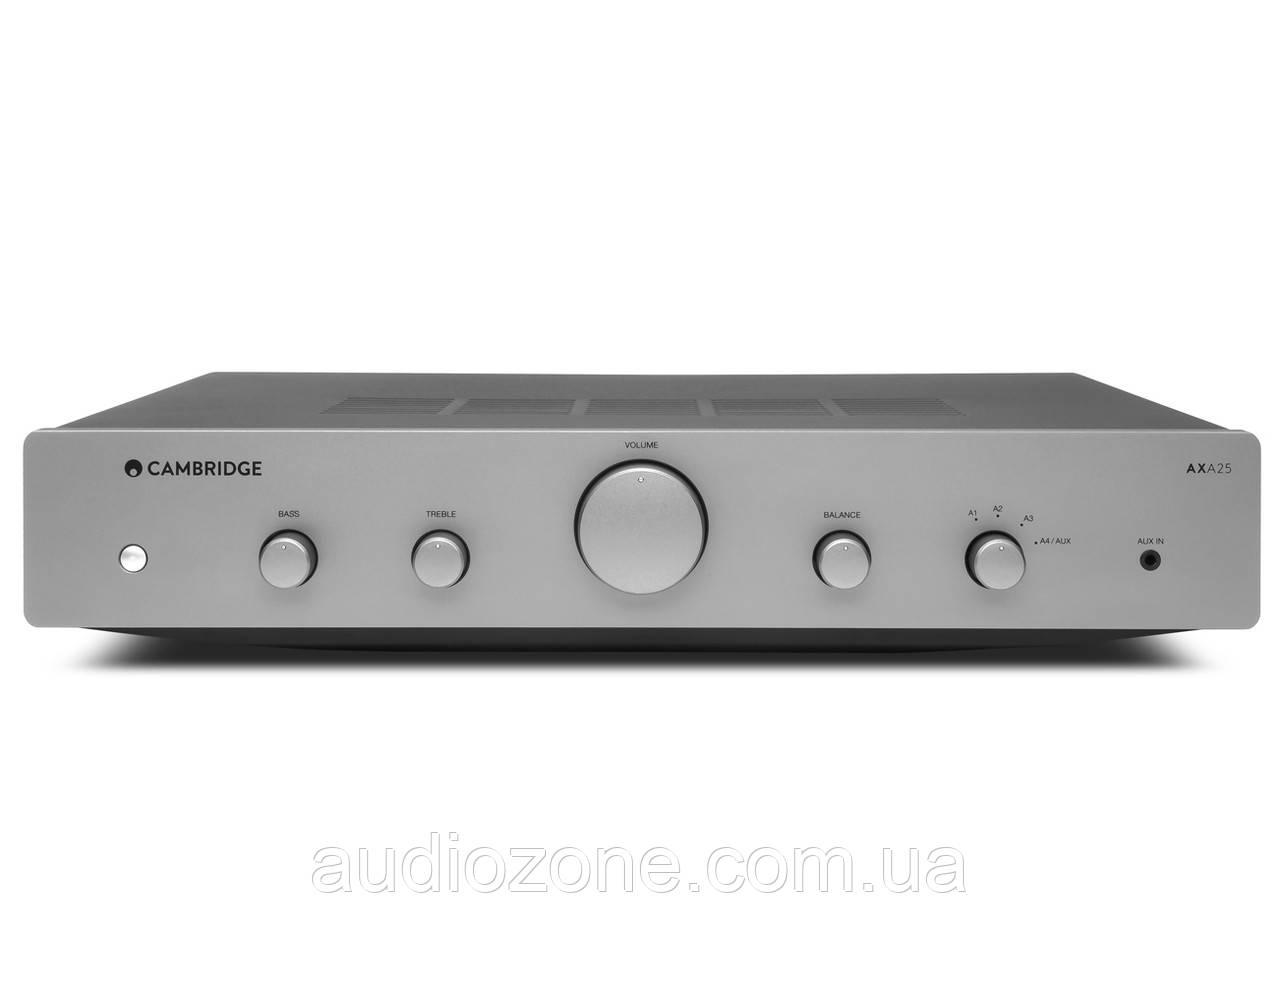 Интегральный стерео-усилитель Cambridge Audio AXA25